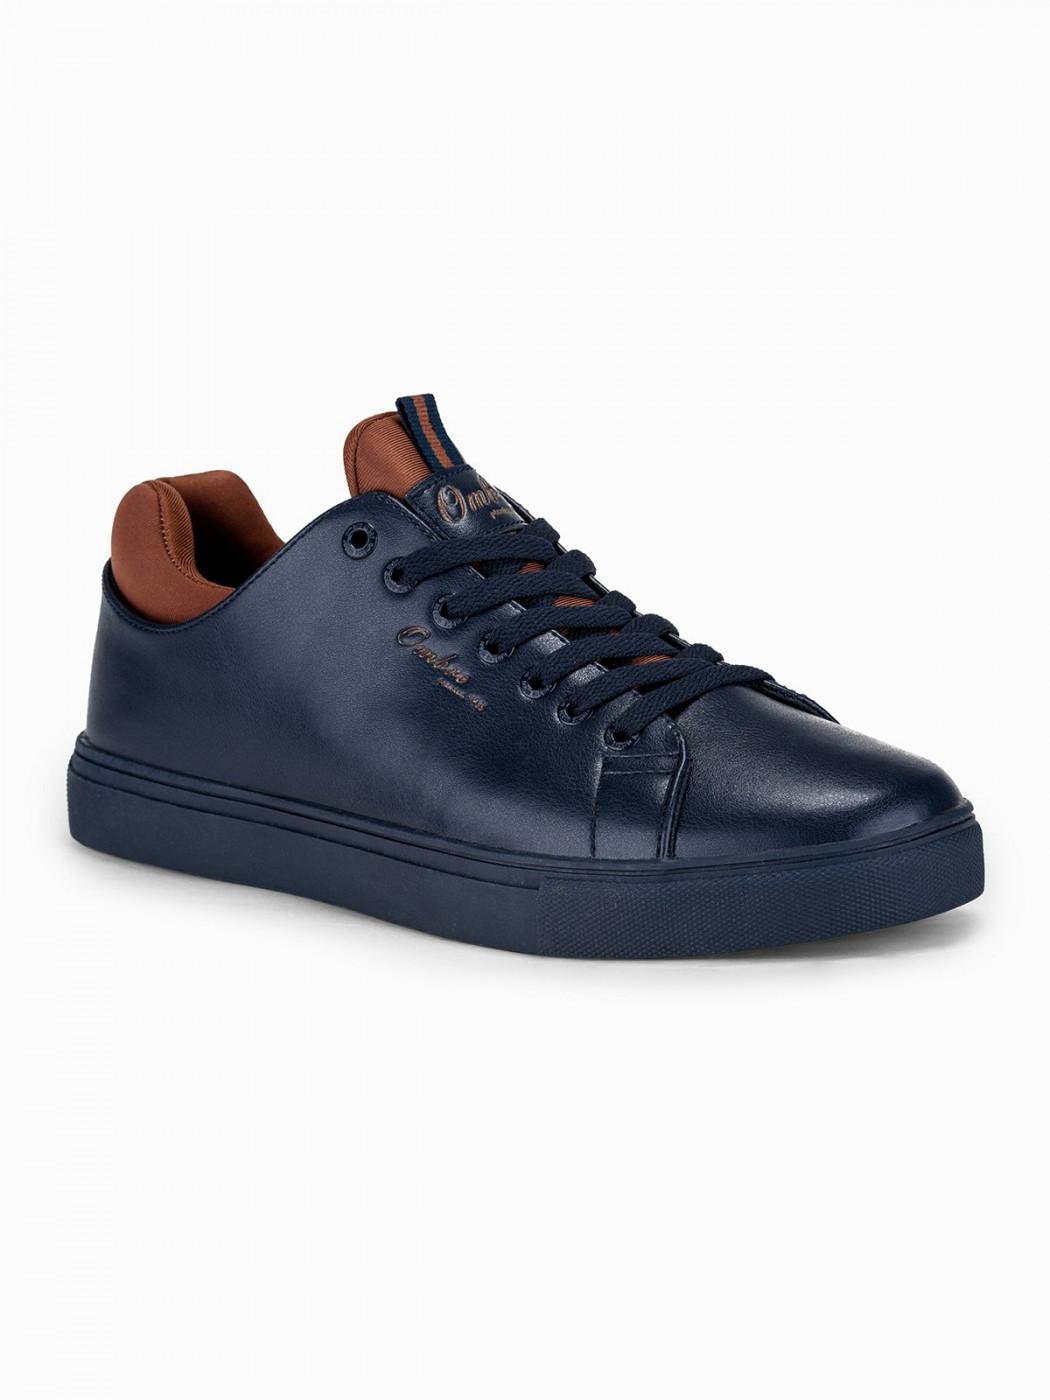 Ombre Clothing Men's shoes T333